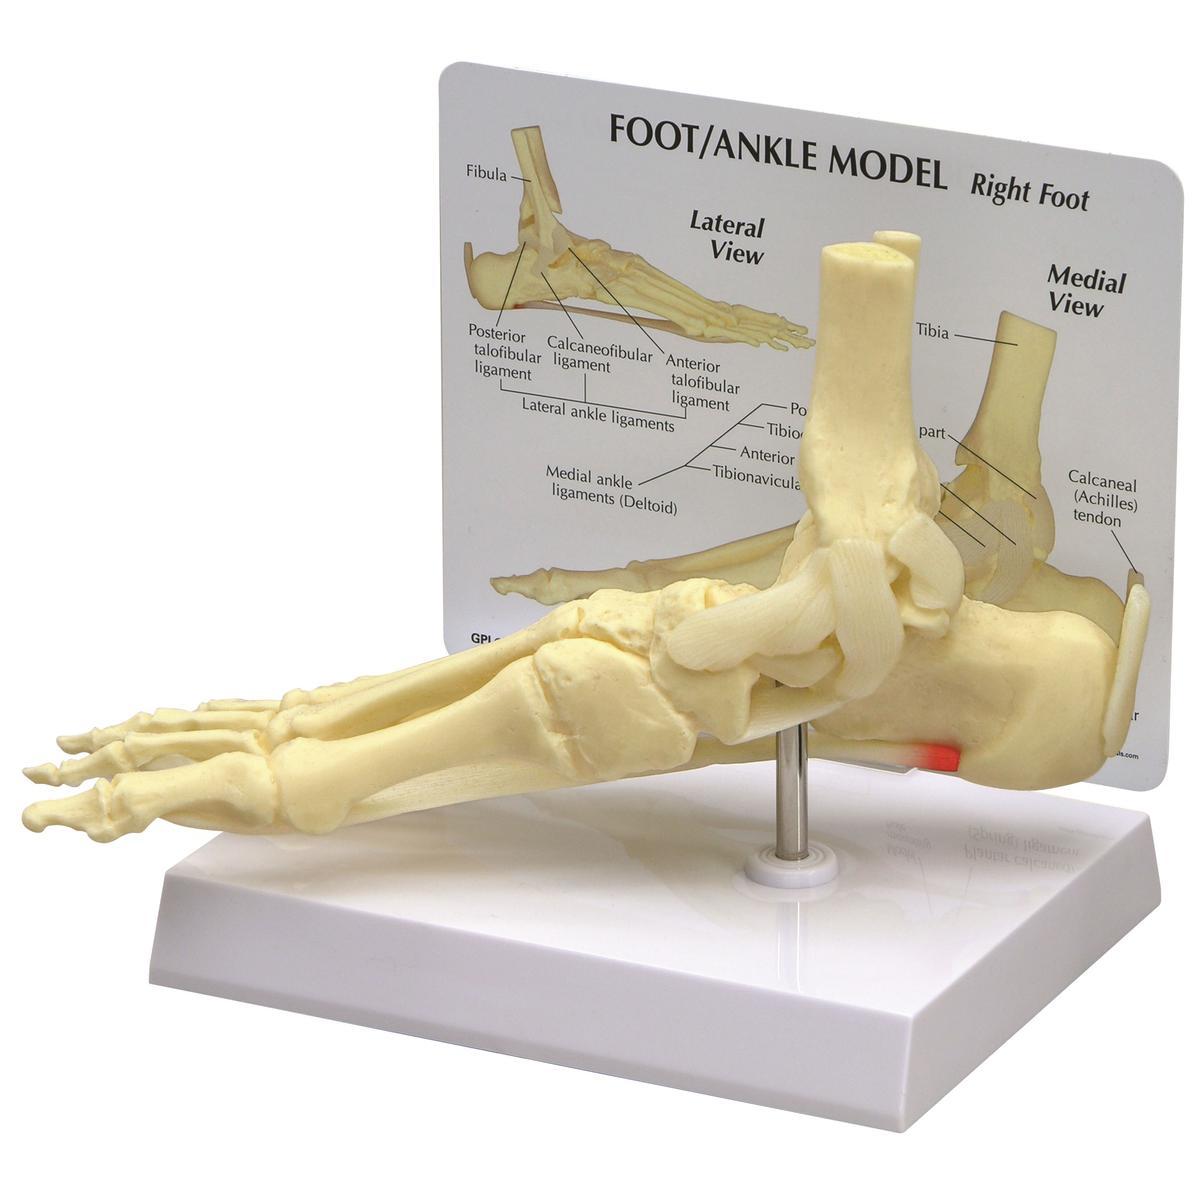 GPI 1980 Modell eines Fuß/Knöchel mit Plantarfasziitis, Fußmodell ...